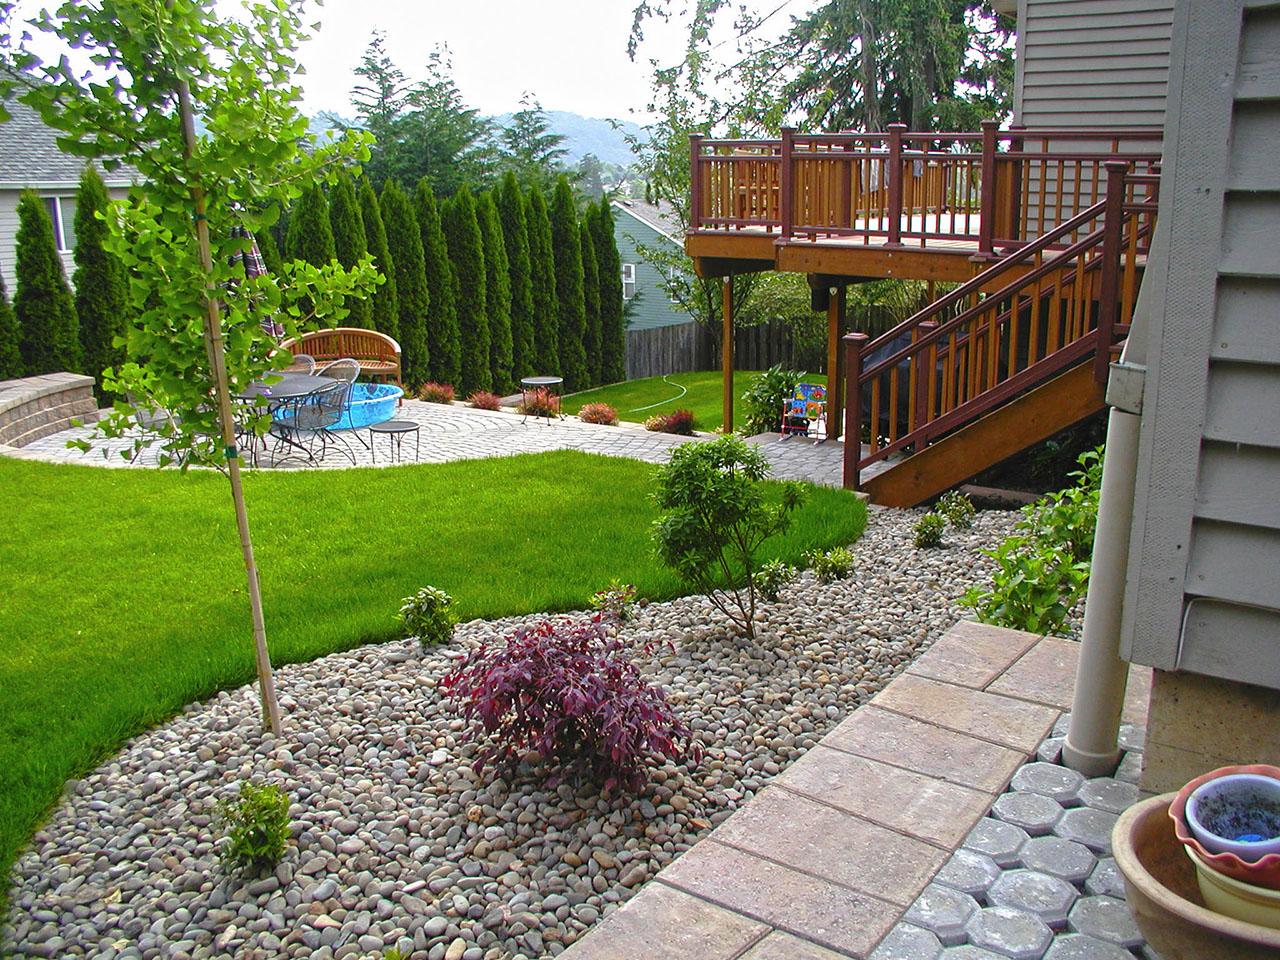 Piccoli giardini perfect piccoli giardini da copiare cerca con